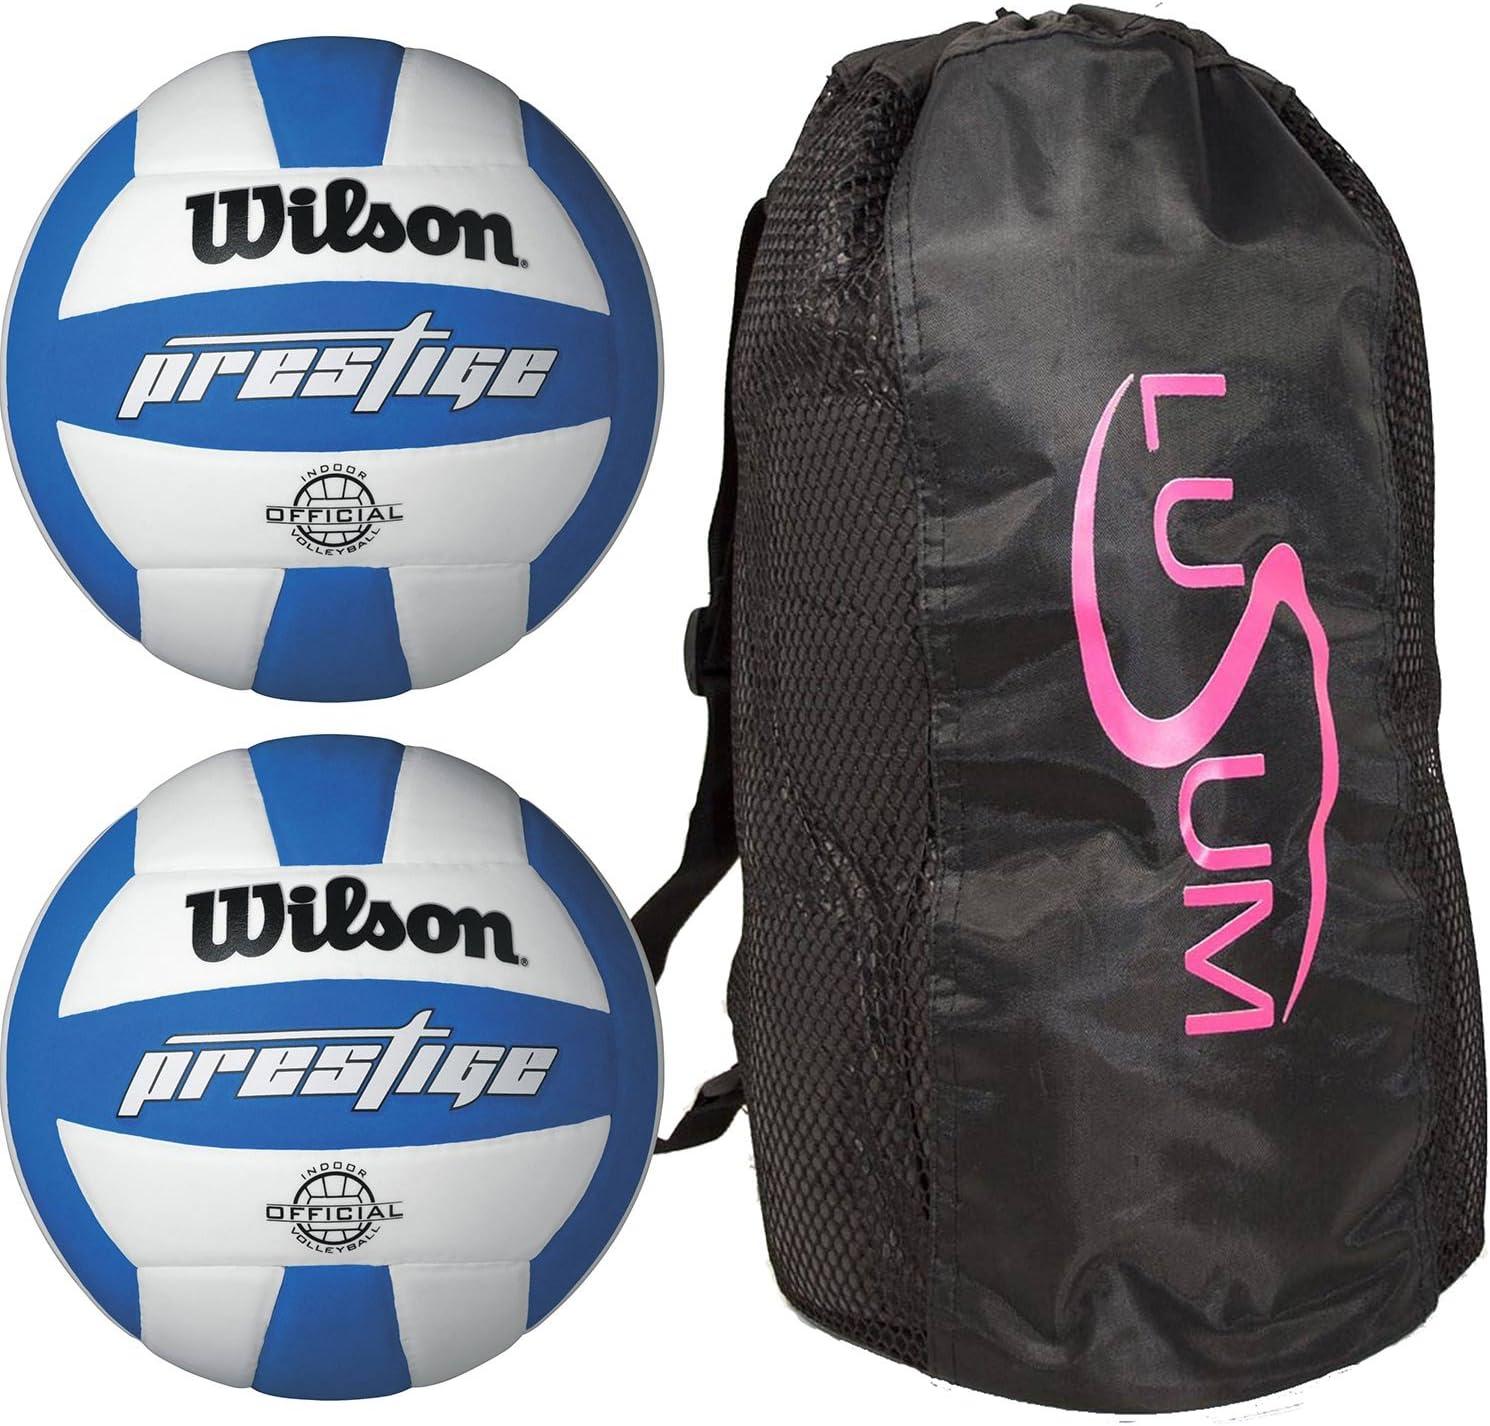 Wilson Prestige balón de Voleibol 2 Pack con Lusum Duffle Bag: Amazon.es: Deportes y aire libre